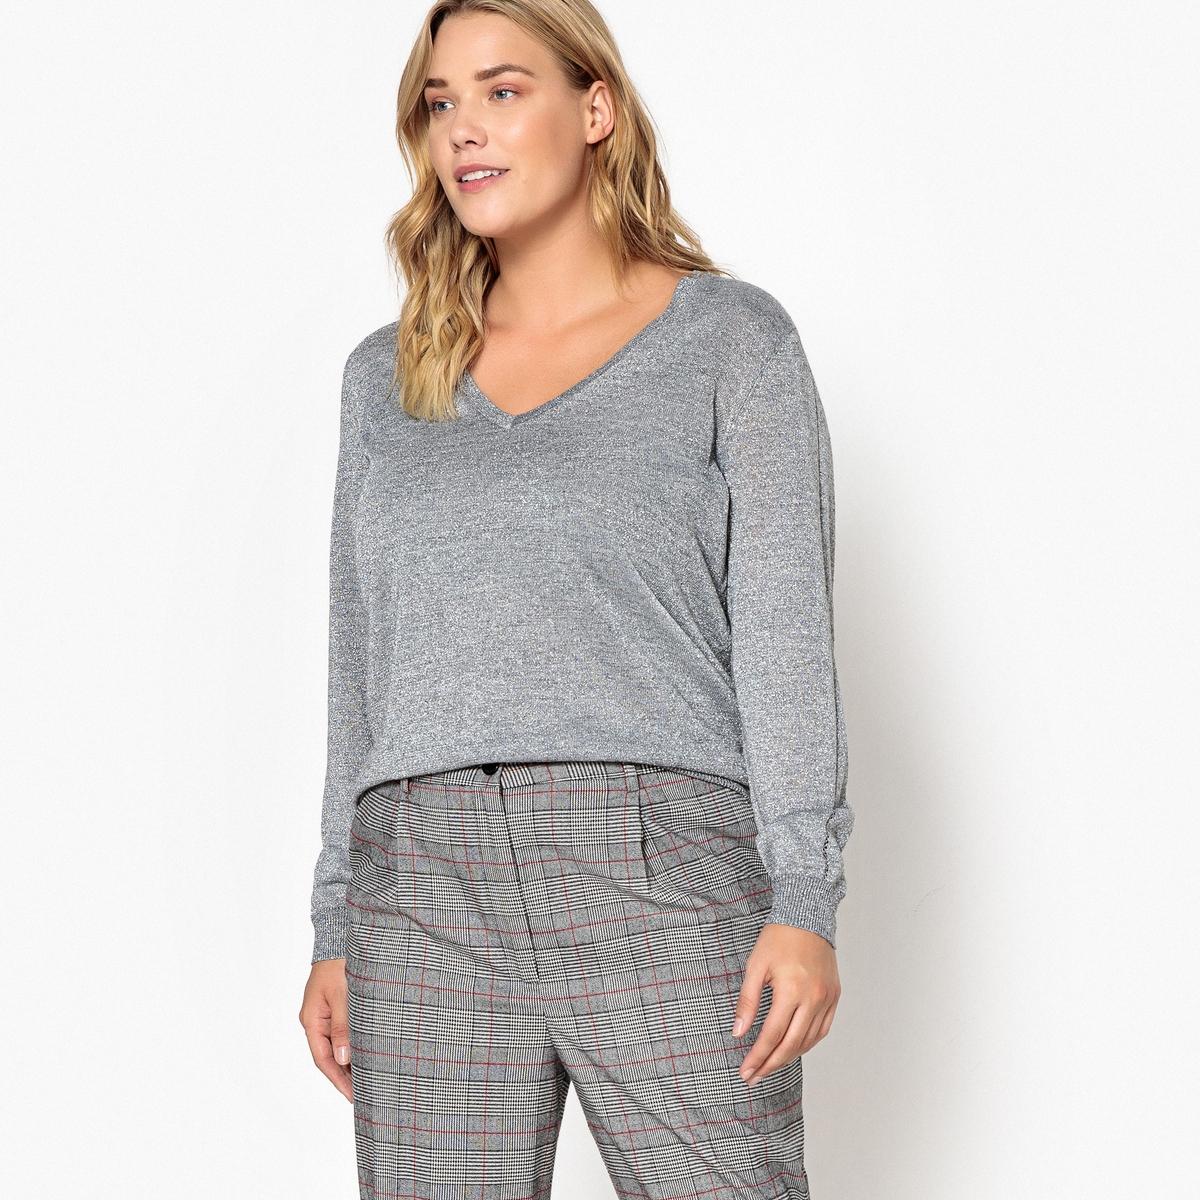 купить Пуловер с V-образным вырезом из тонкого блестящего трикотажа по цене 2039.4 рублей